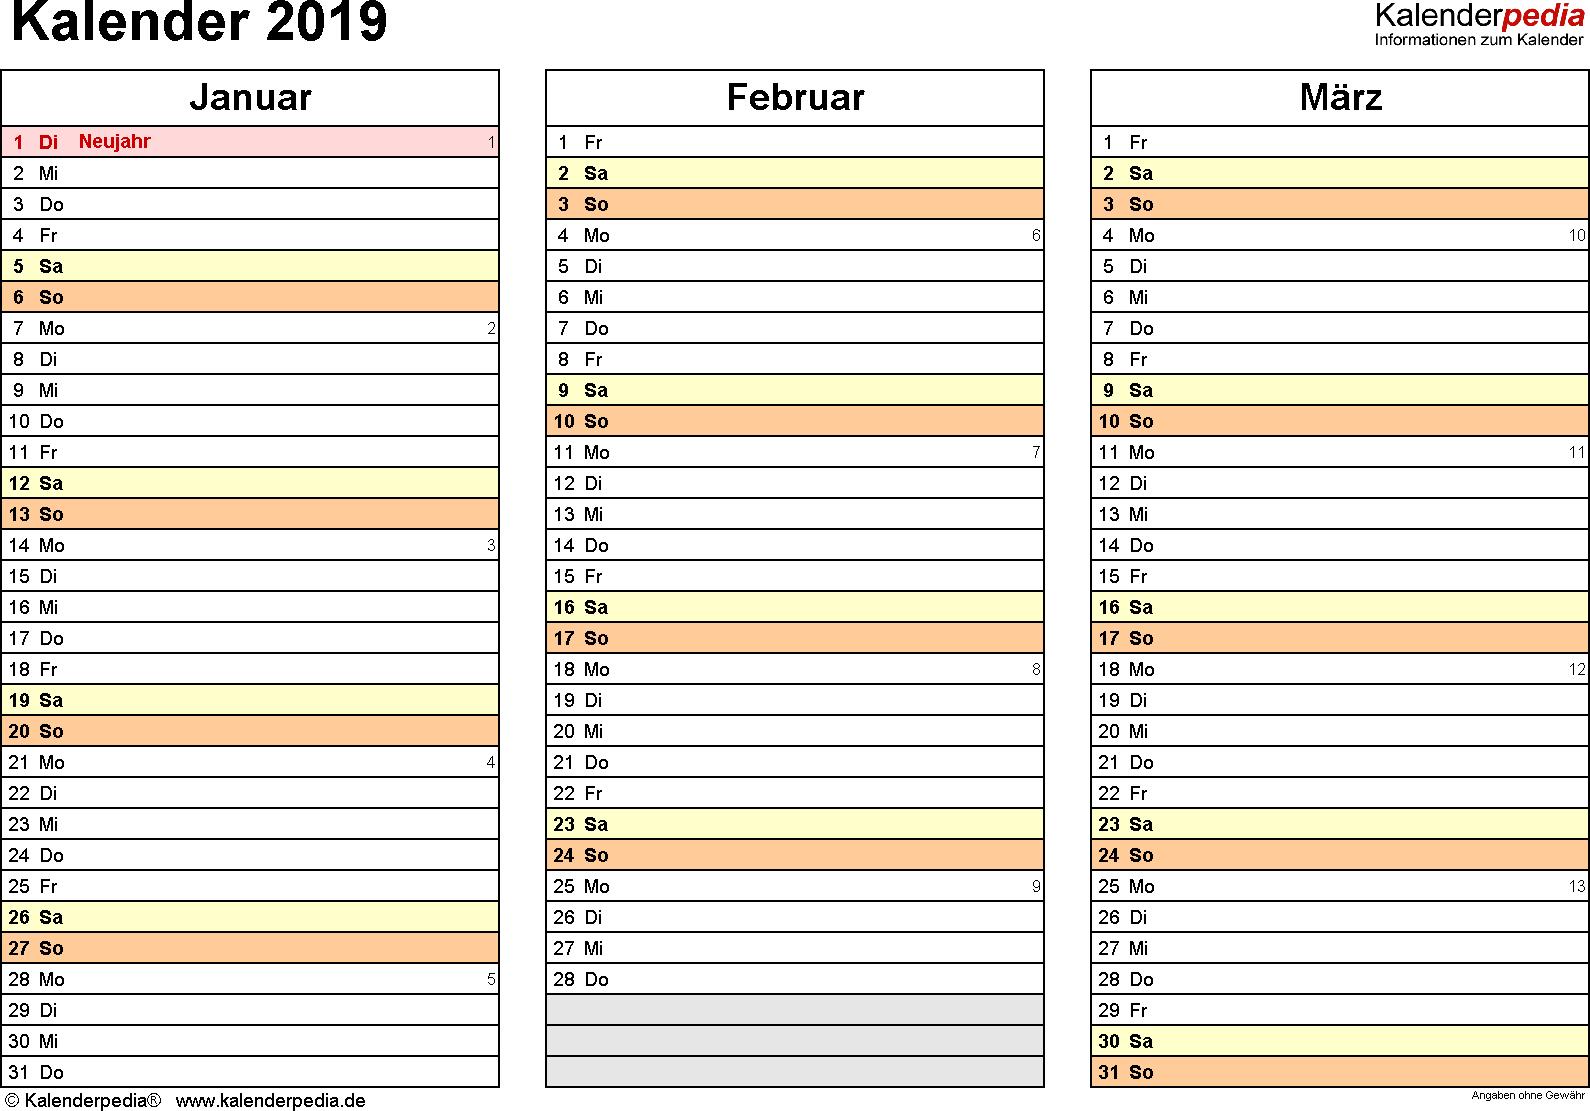 Vorlage 5: Kalender 2019 als PDF-Datei, Querformat, 4 Seiten, jedes Quartal auf einer Seite